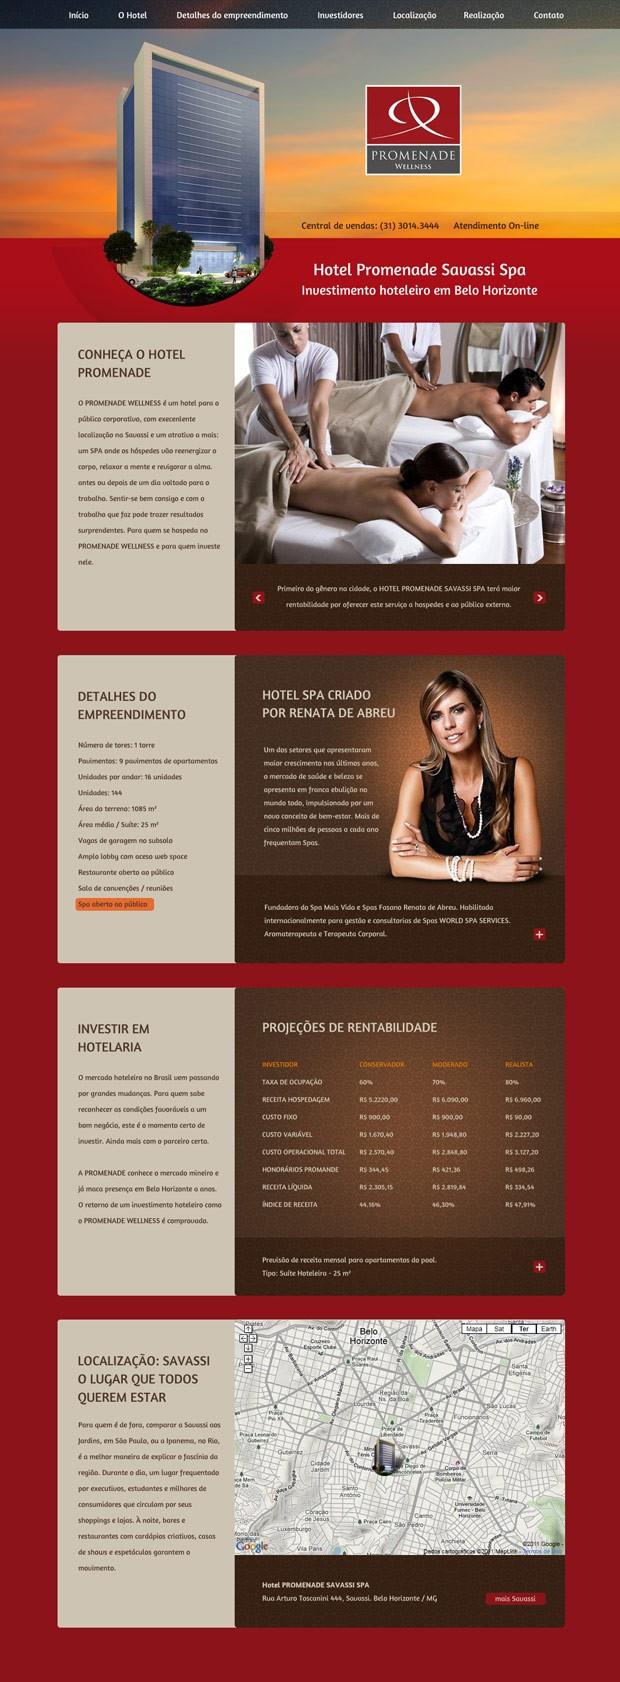 Dominus - Website